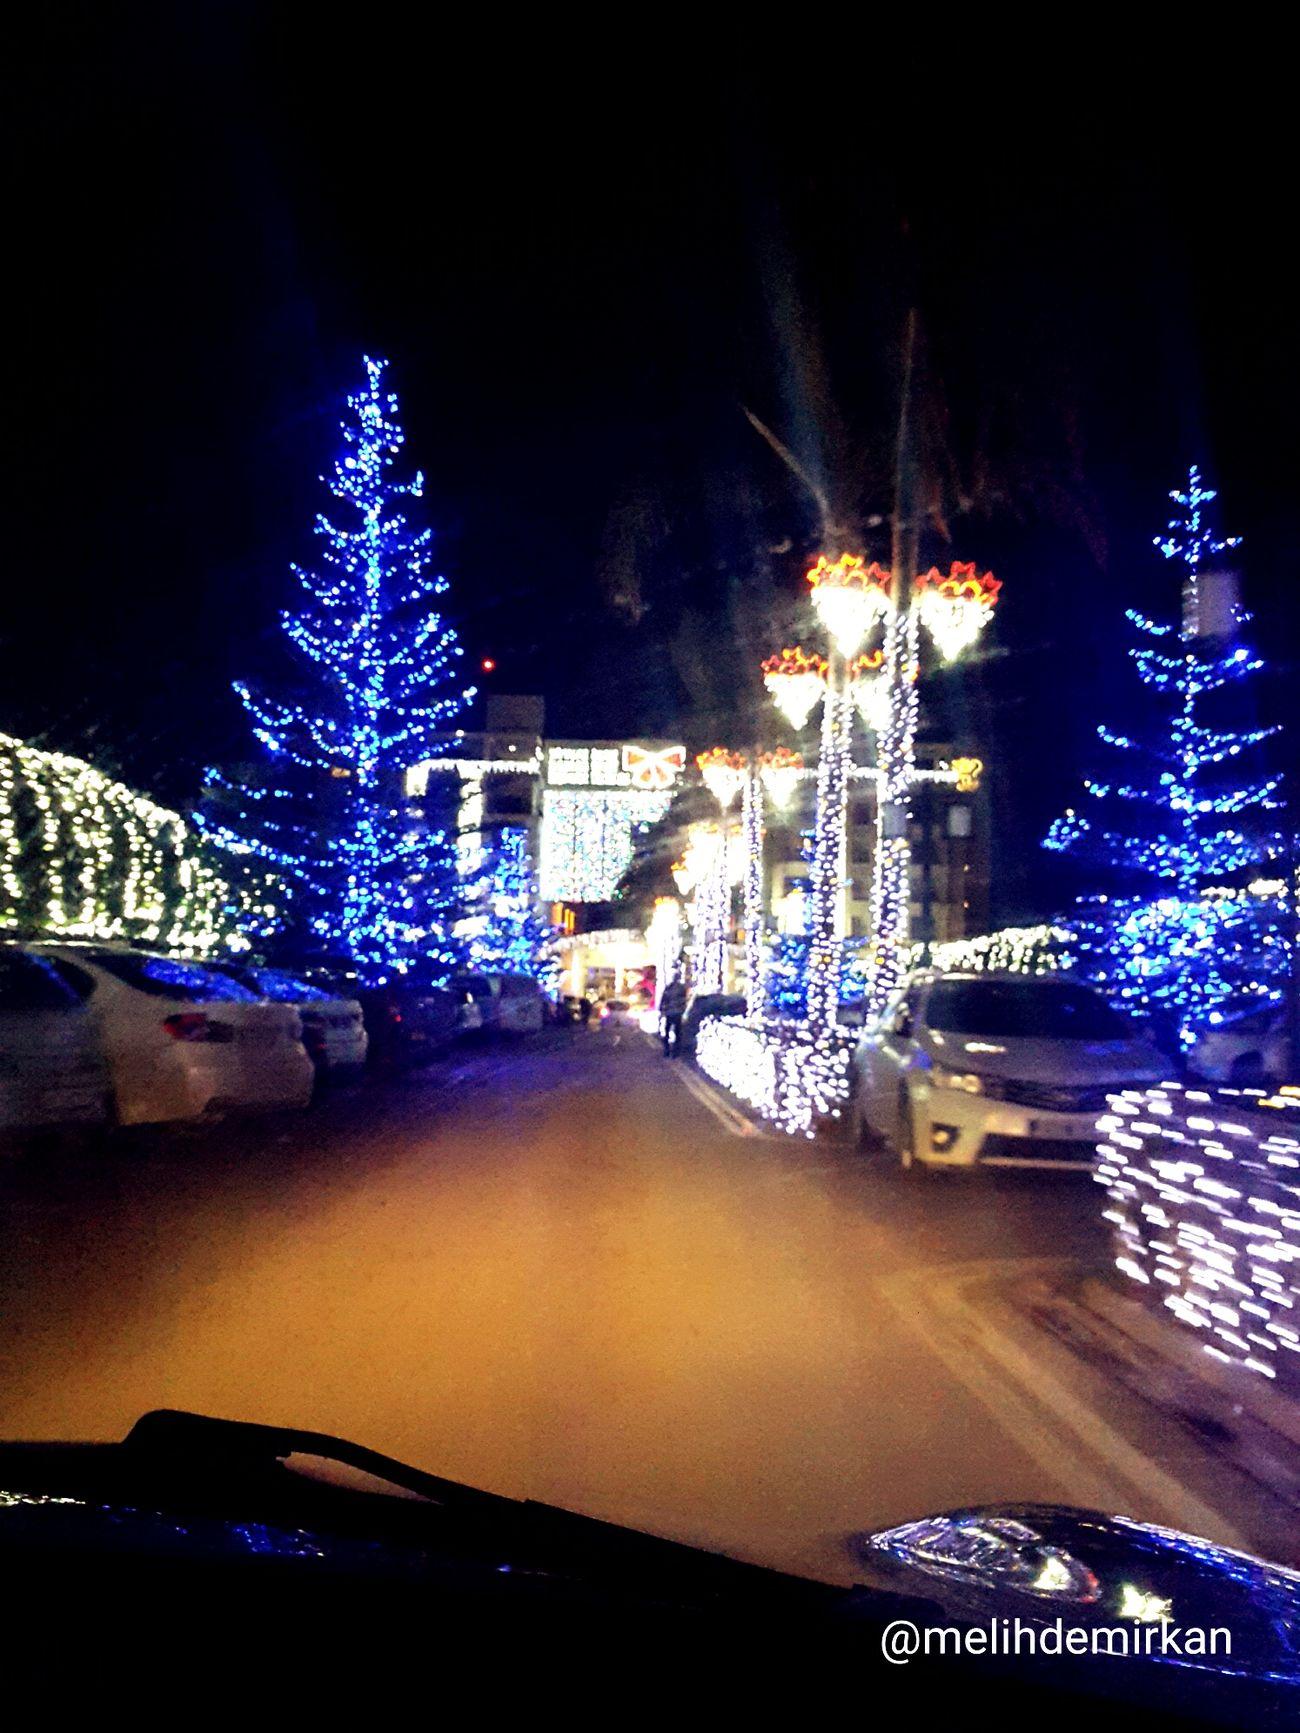 Christmas Decoration Kıbrıs Girne/ Kıbrıs Girne. TRNC. CratosPremiumHotelandCasino Yılbaşı Ağacı Yılbaşı Süsü